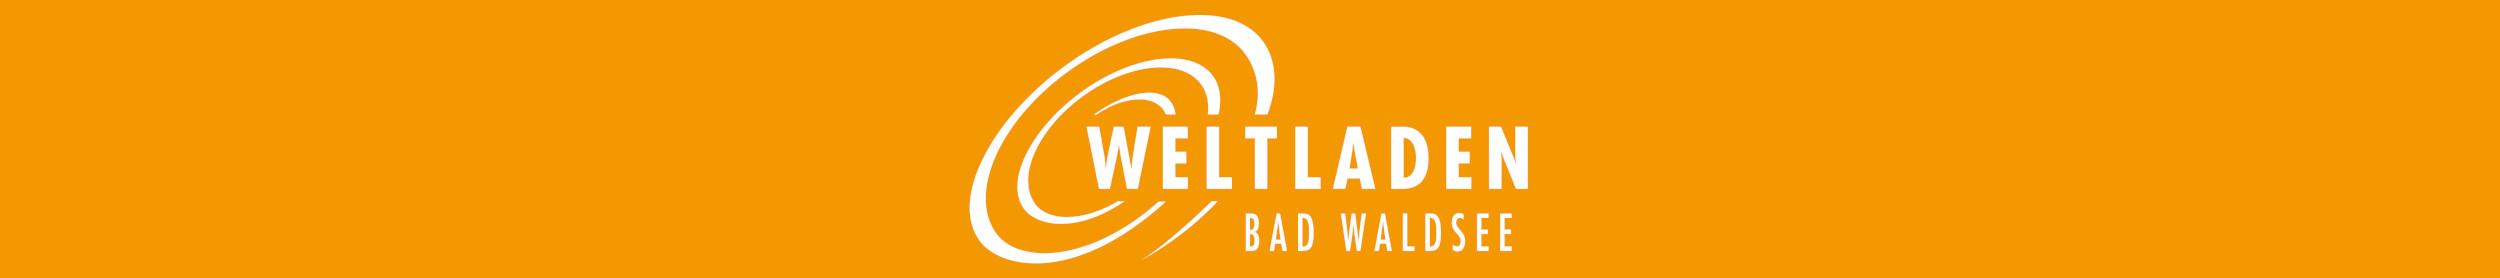 Weltladen Bad-Waldsee